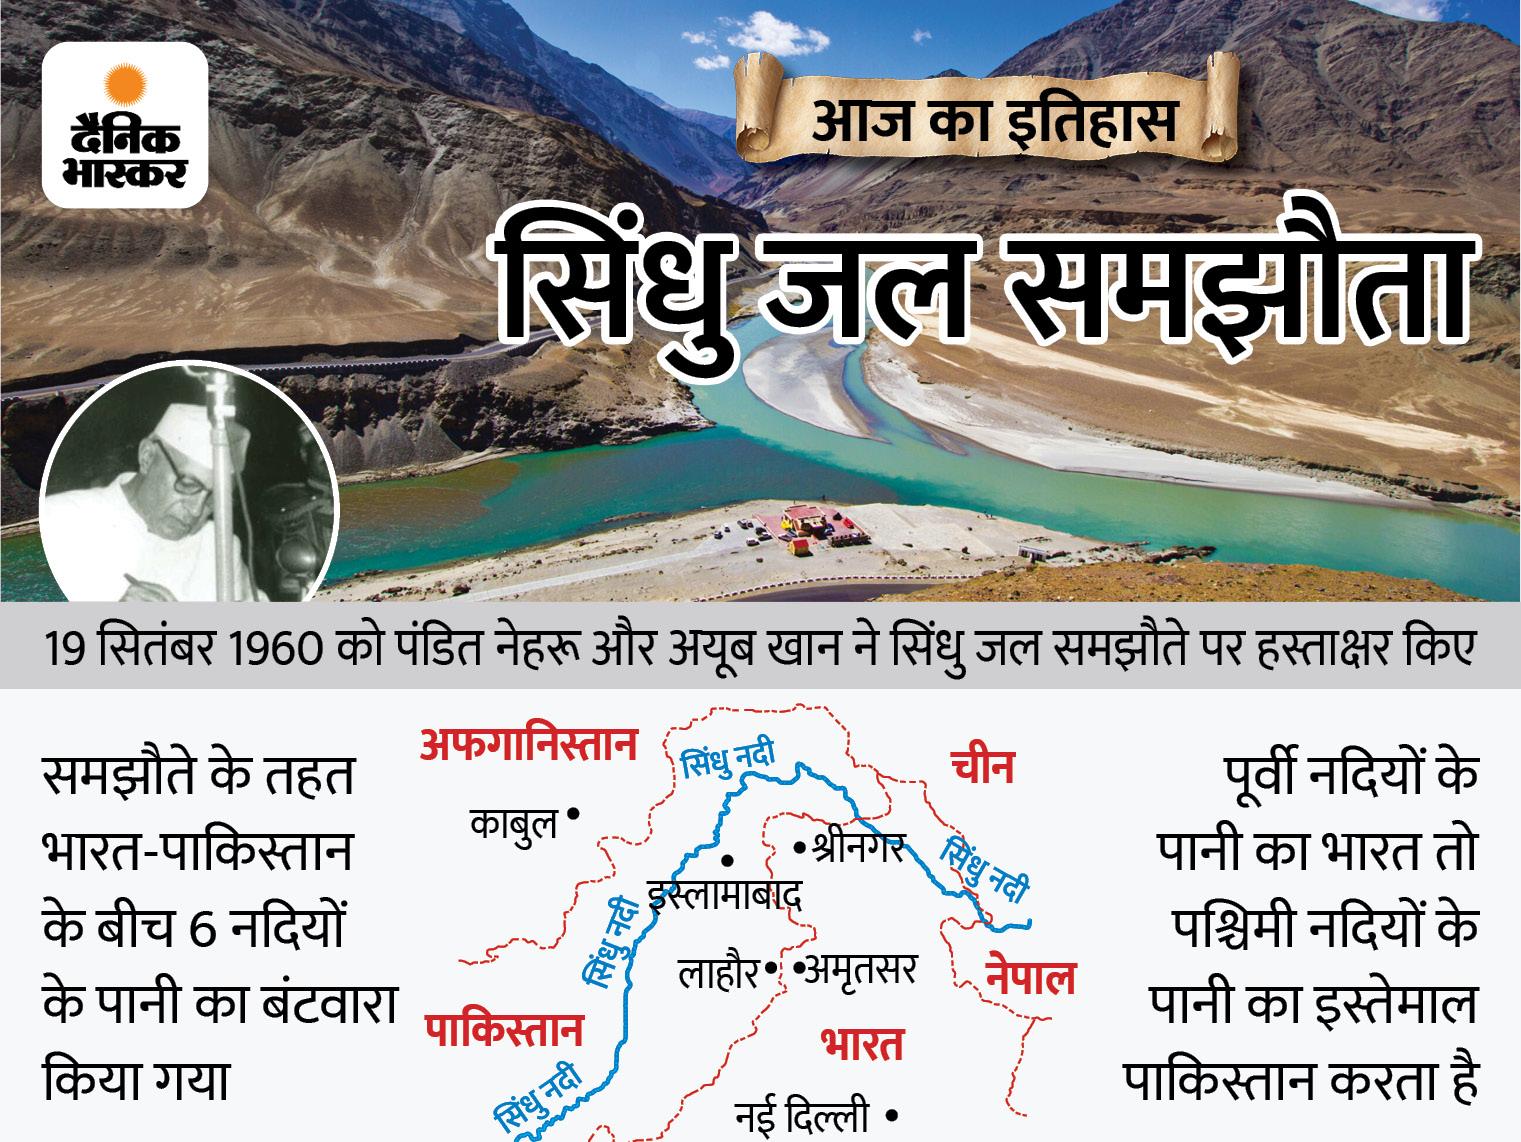 भारत-पाकिस्तान के बीच हुआ था सिंधु जल समझौता; दोनों देशों के बीच कई विवाद हुए, लेकिन ये समझौता 61 साल से नहीं बदला|देश,National - Dainik Bhaskar